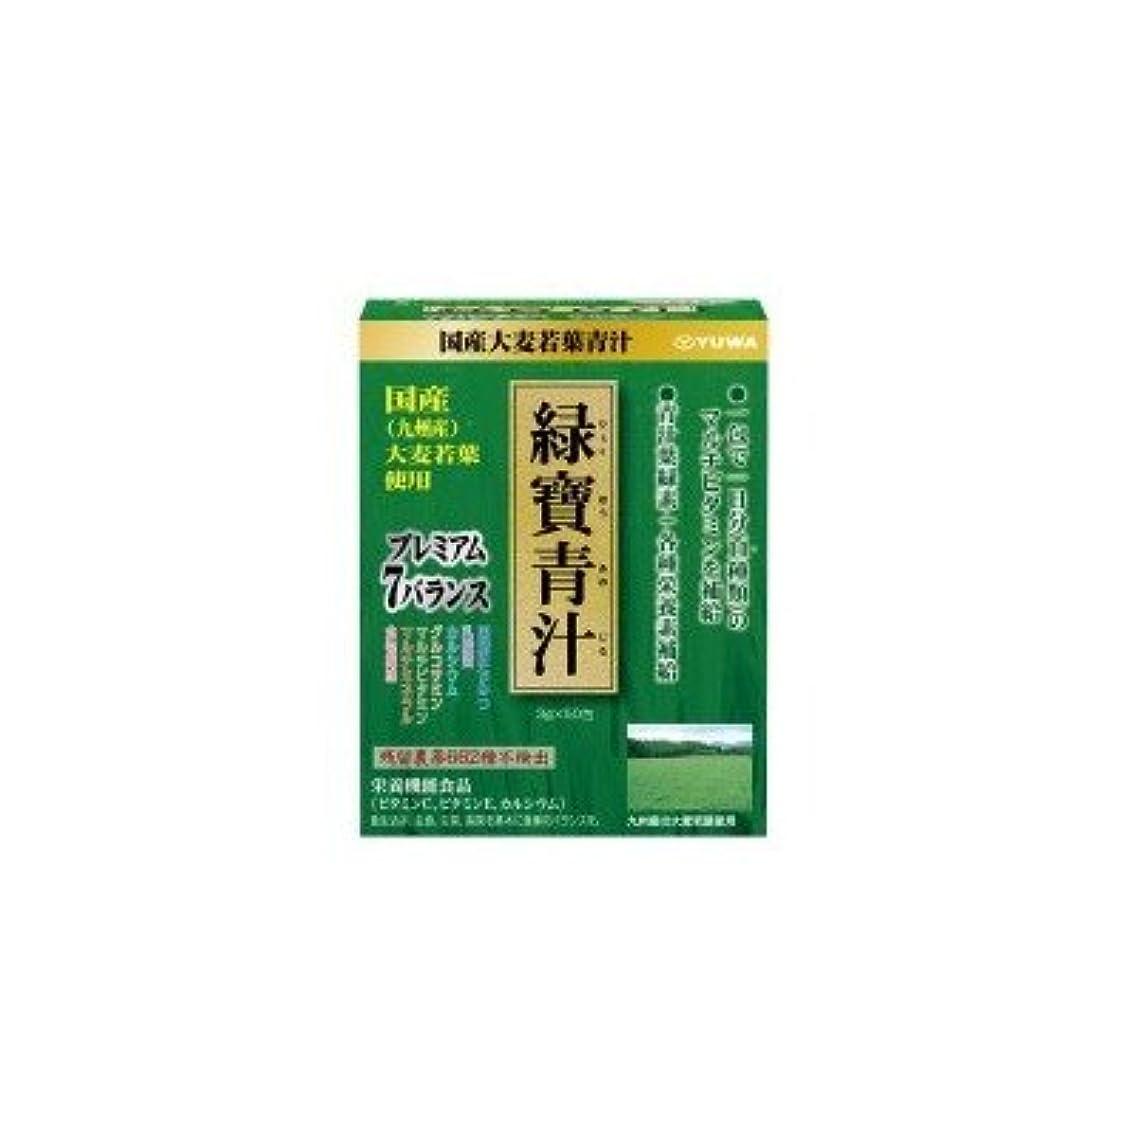 戦士農場主ユーワ 九州産大麦若葉使用 緑寶青汁 150g(3g×50包) 2865